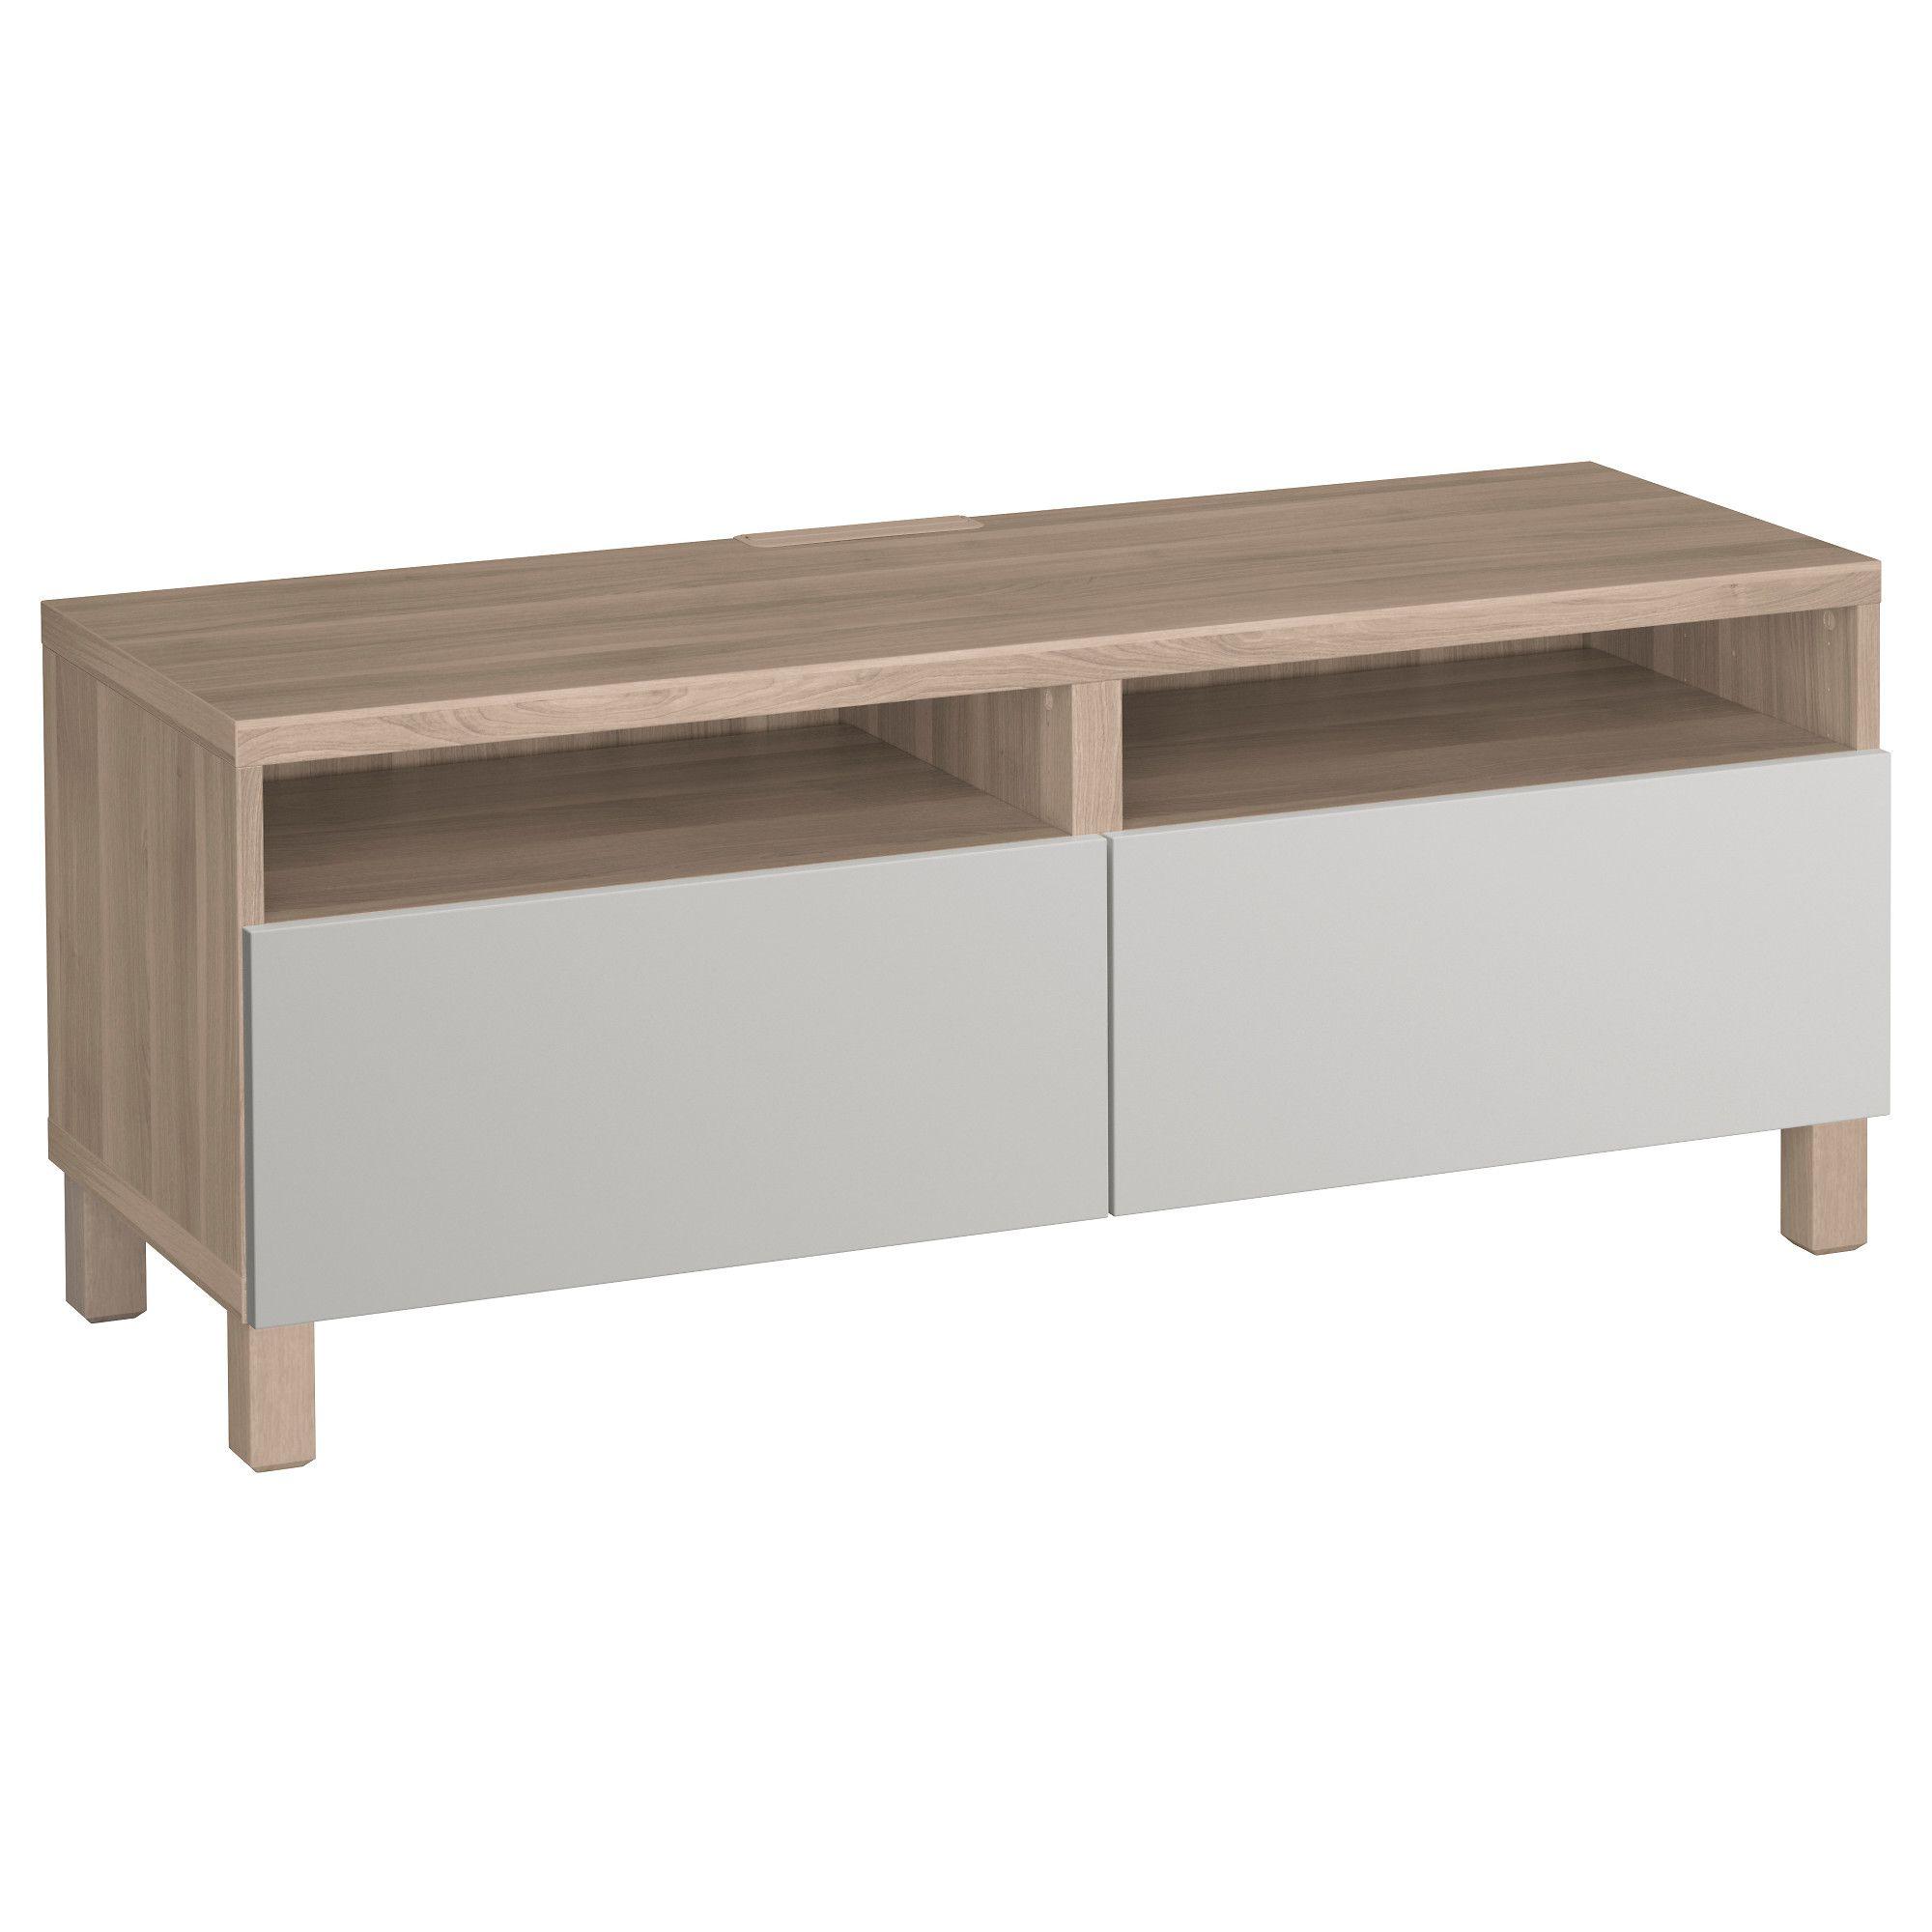 Full Size of Ikea Hack Sitzbank Esszimmer Bank Mit Lehne Modulküche Sofa Für Schlaffunktion Schlafzimmer Betten Bei Küche Kosten 160x200 Bad Bett Miniküche Kaufen Wohnzimmer Ikea Hack Sitzbank Esszimmer